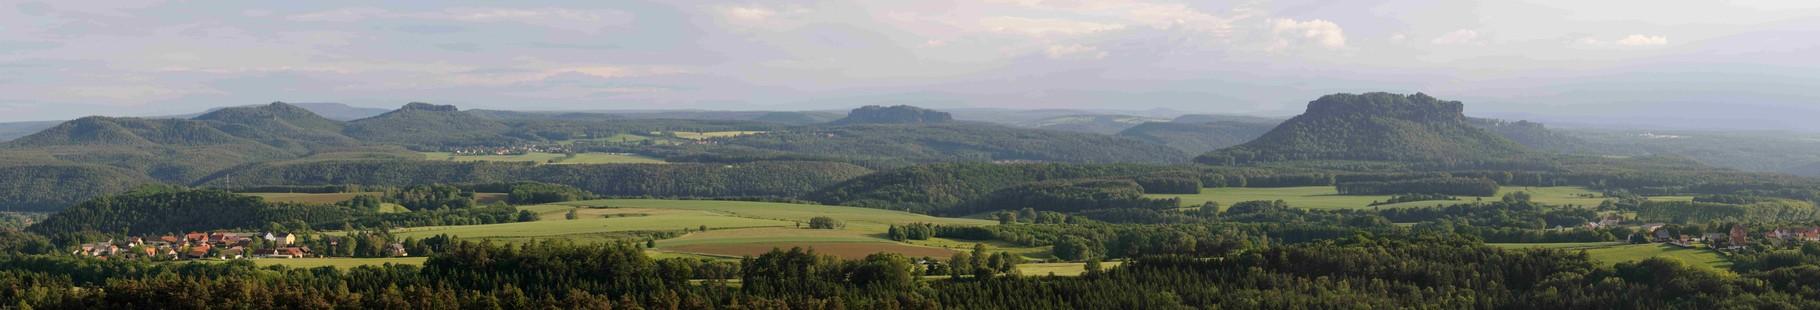 Elbsandsteingebirge, Sachsen